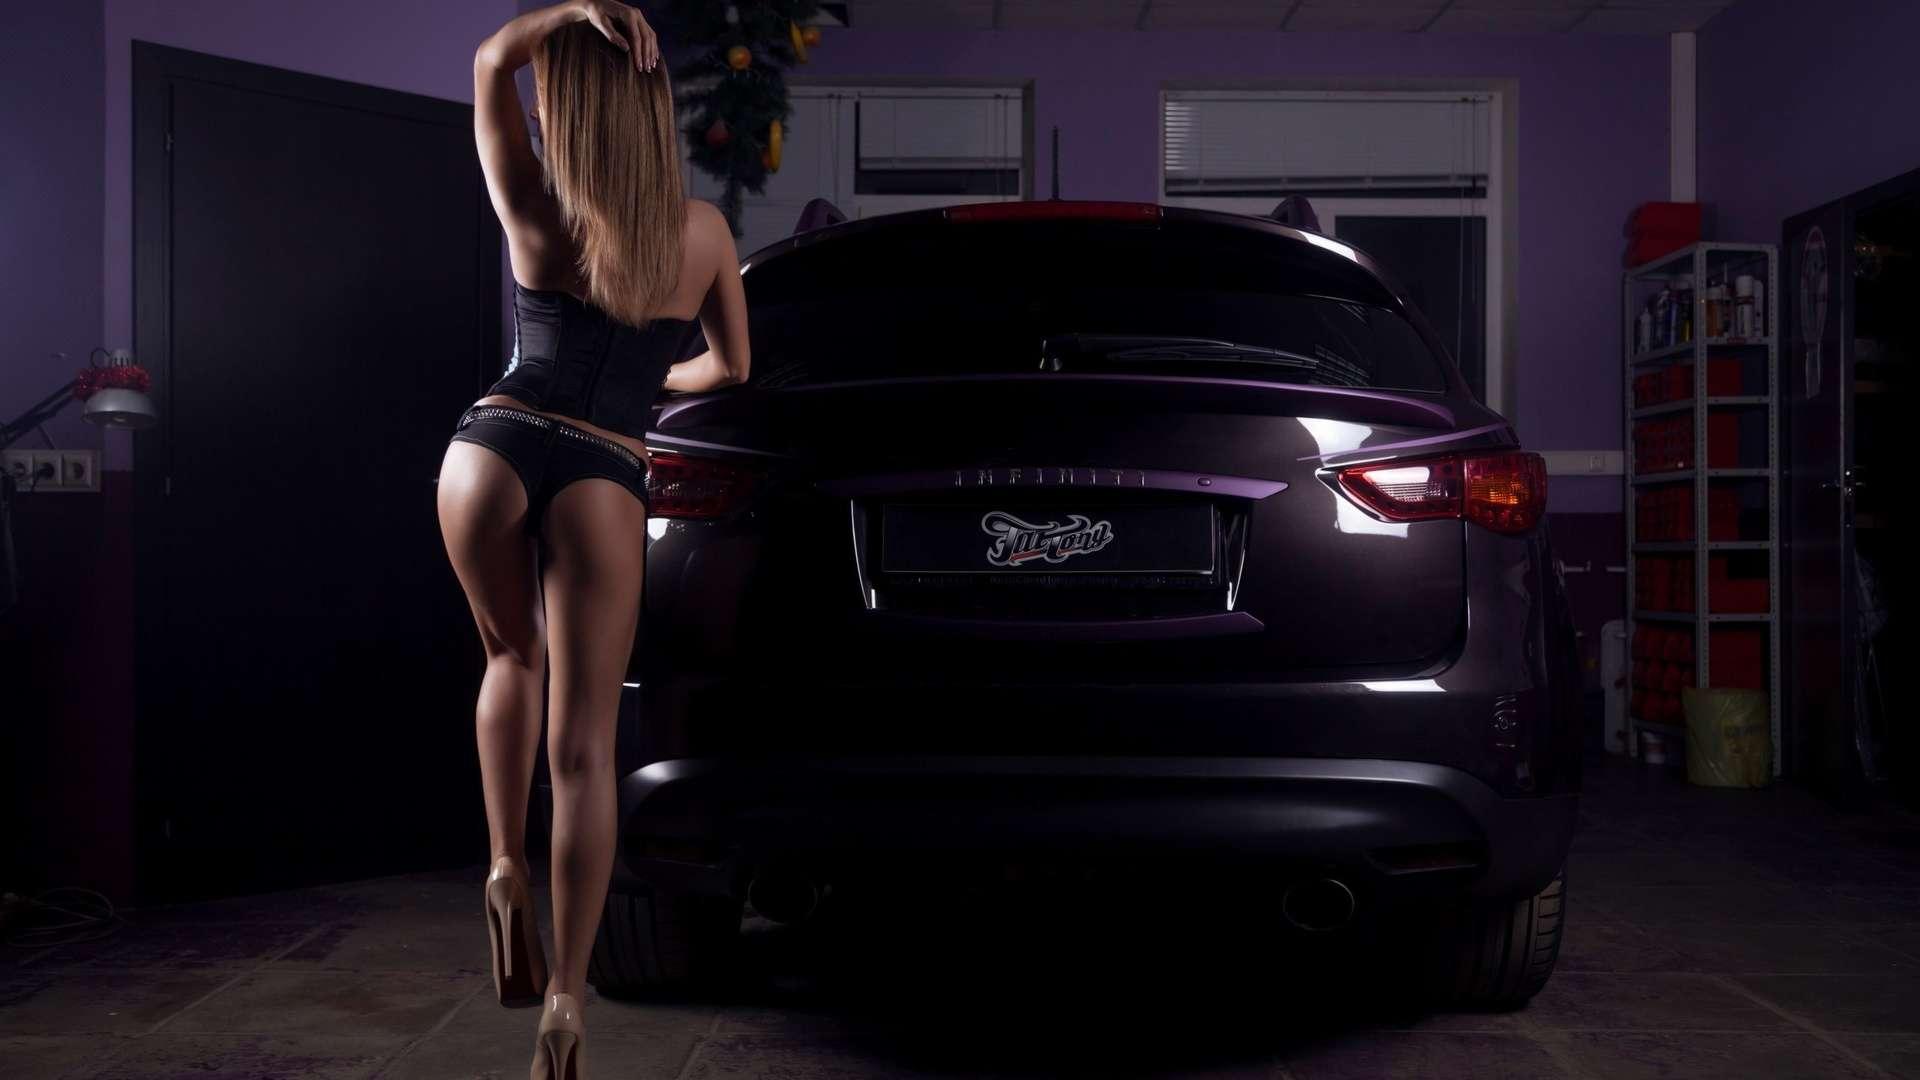 Сексуальные девушки и автомобили (часть 9)